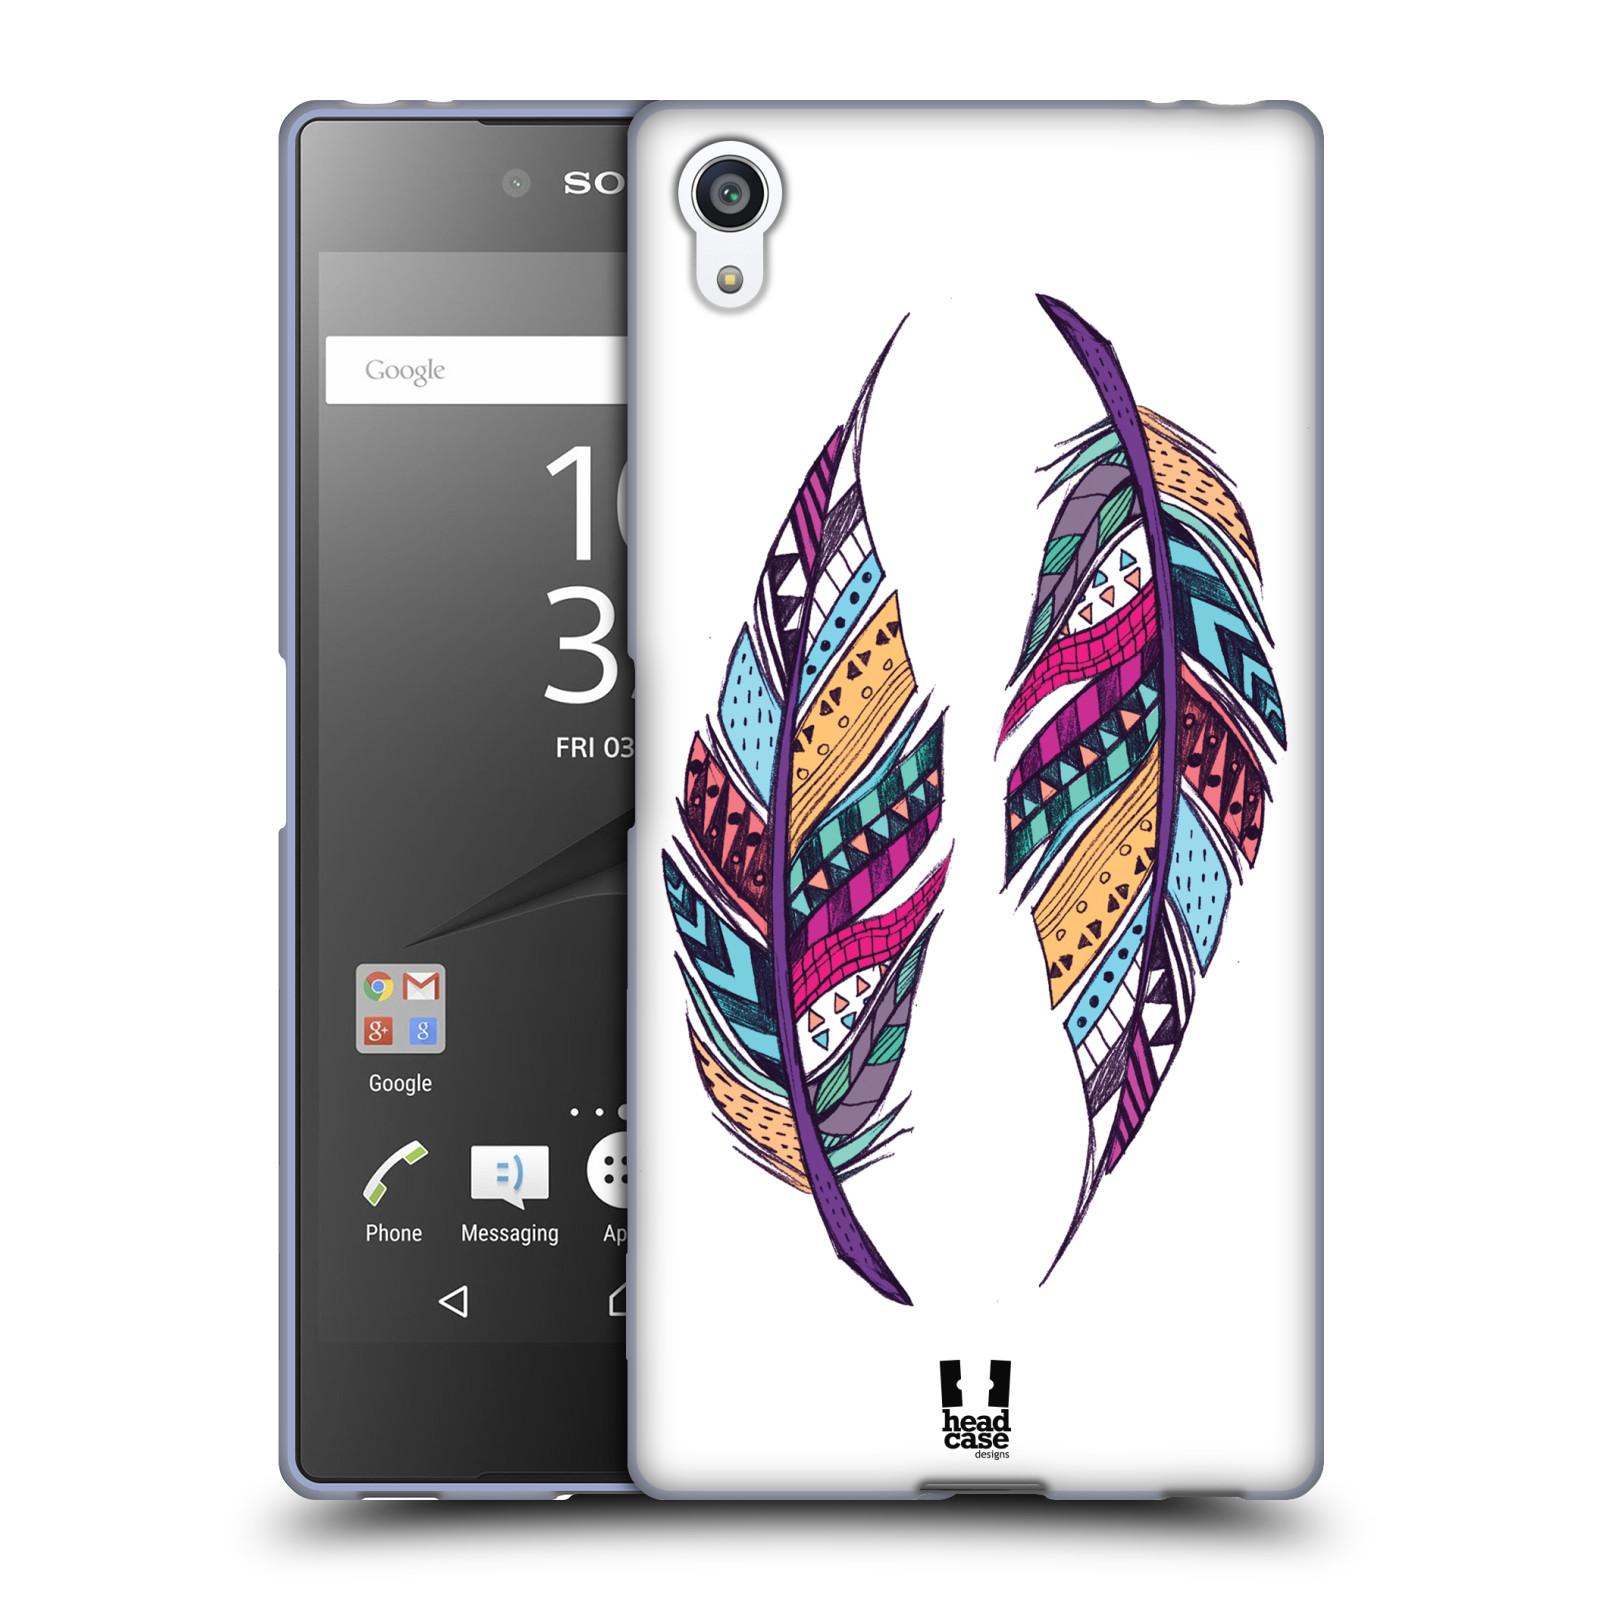 Silikonové pouzdro na mobil Sony Xperia Z5 Premium HEAD CASE AZTEC PÍRKA